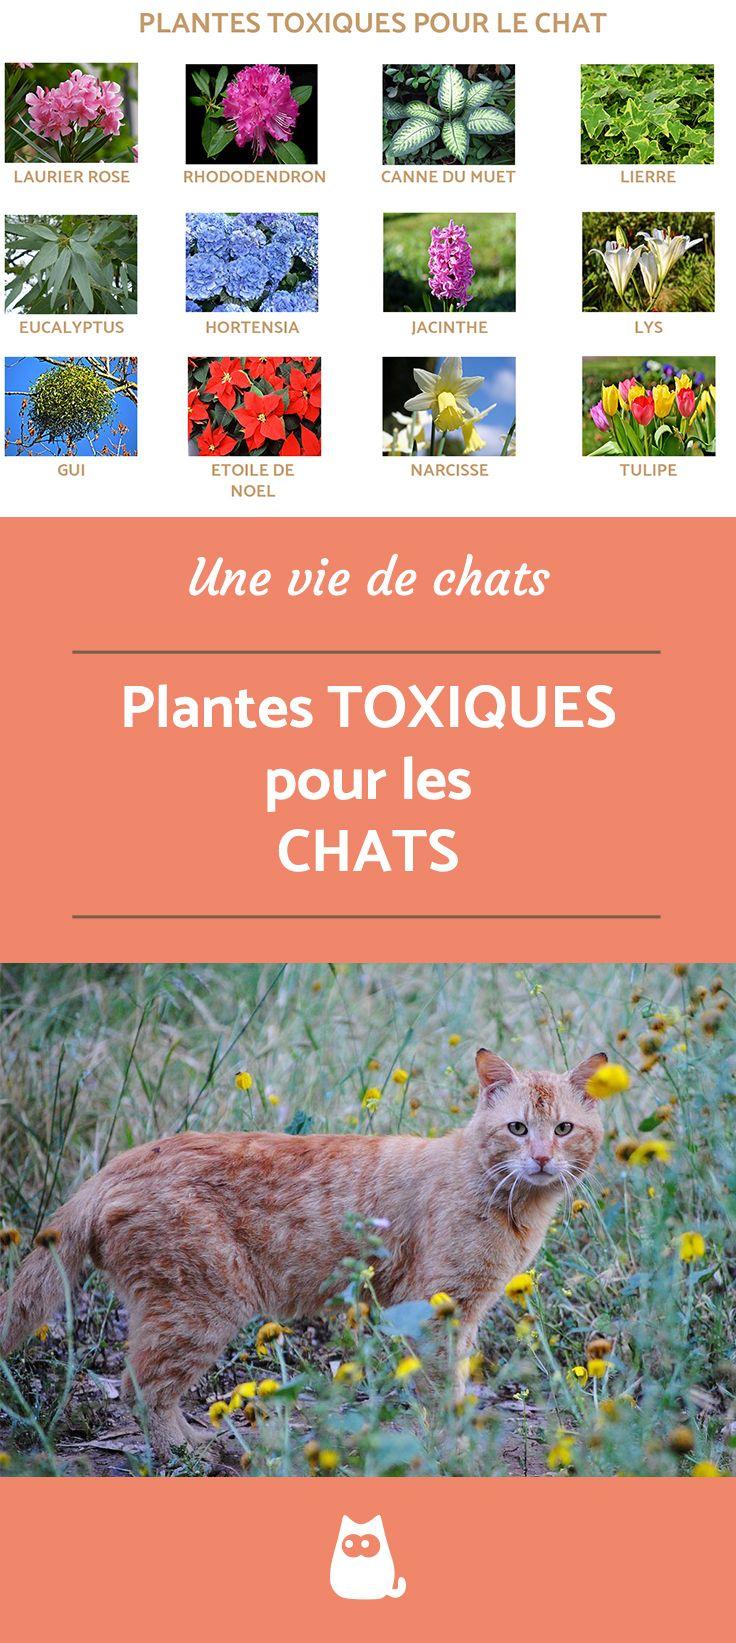 Plantes toxiques pour le chat - GUIDE COMPLET | Astuces ...